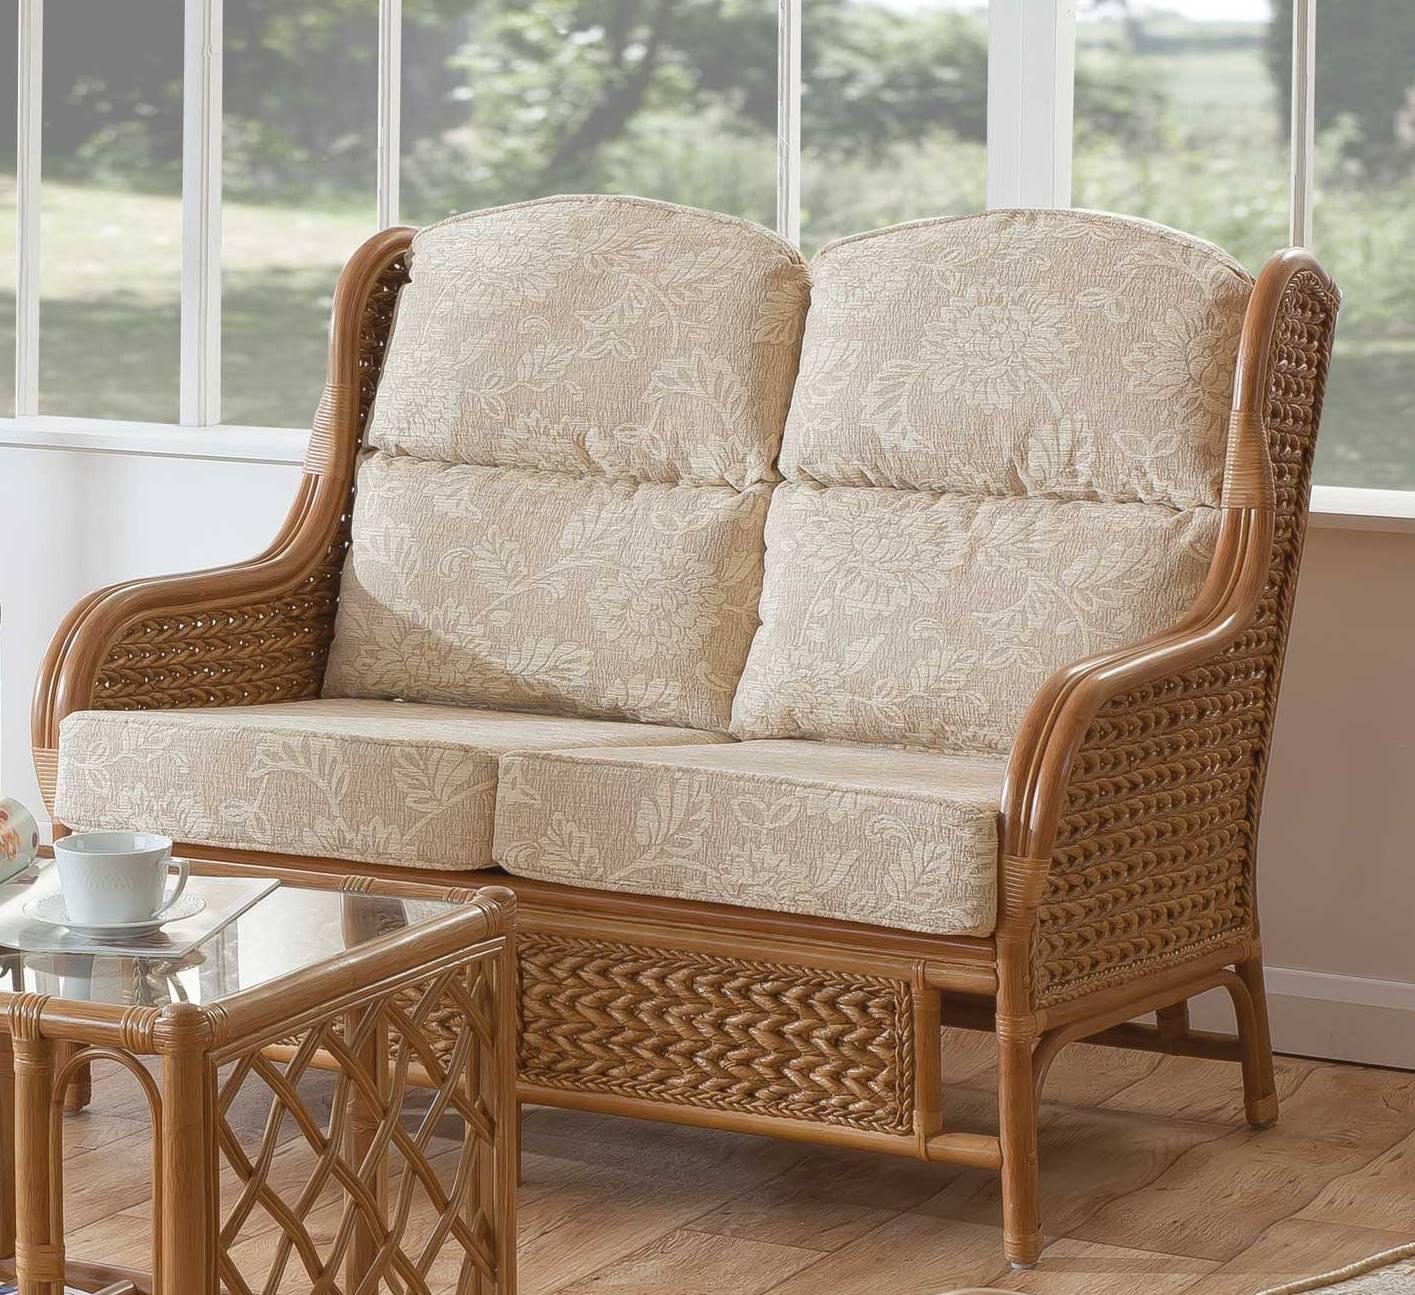 Mali 2 Seater Cane Sofa